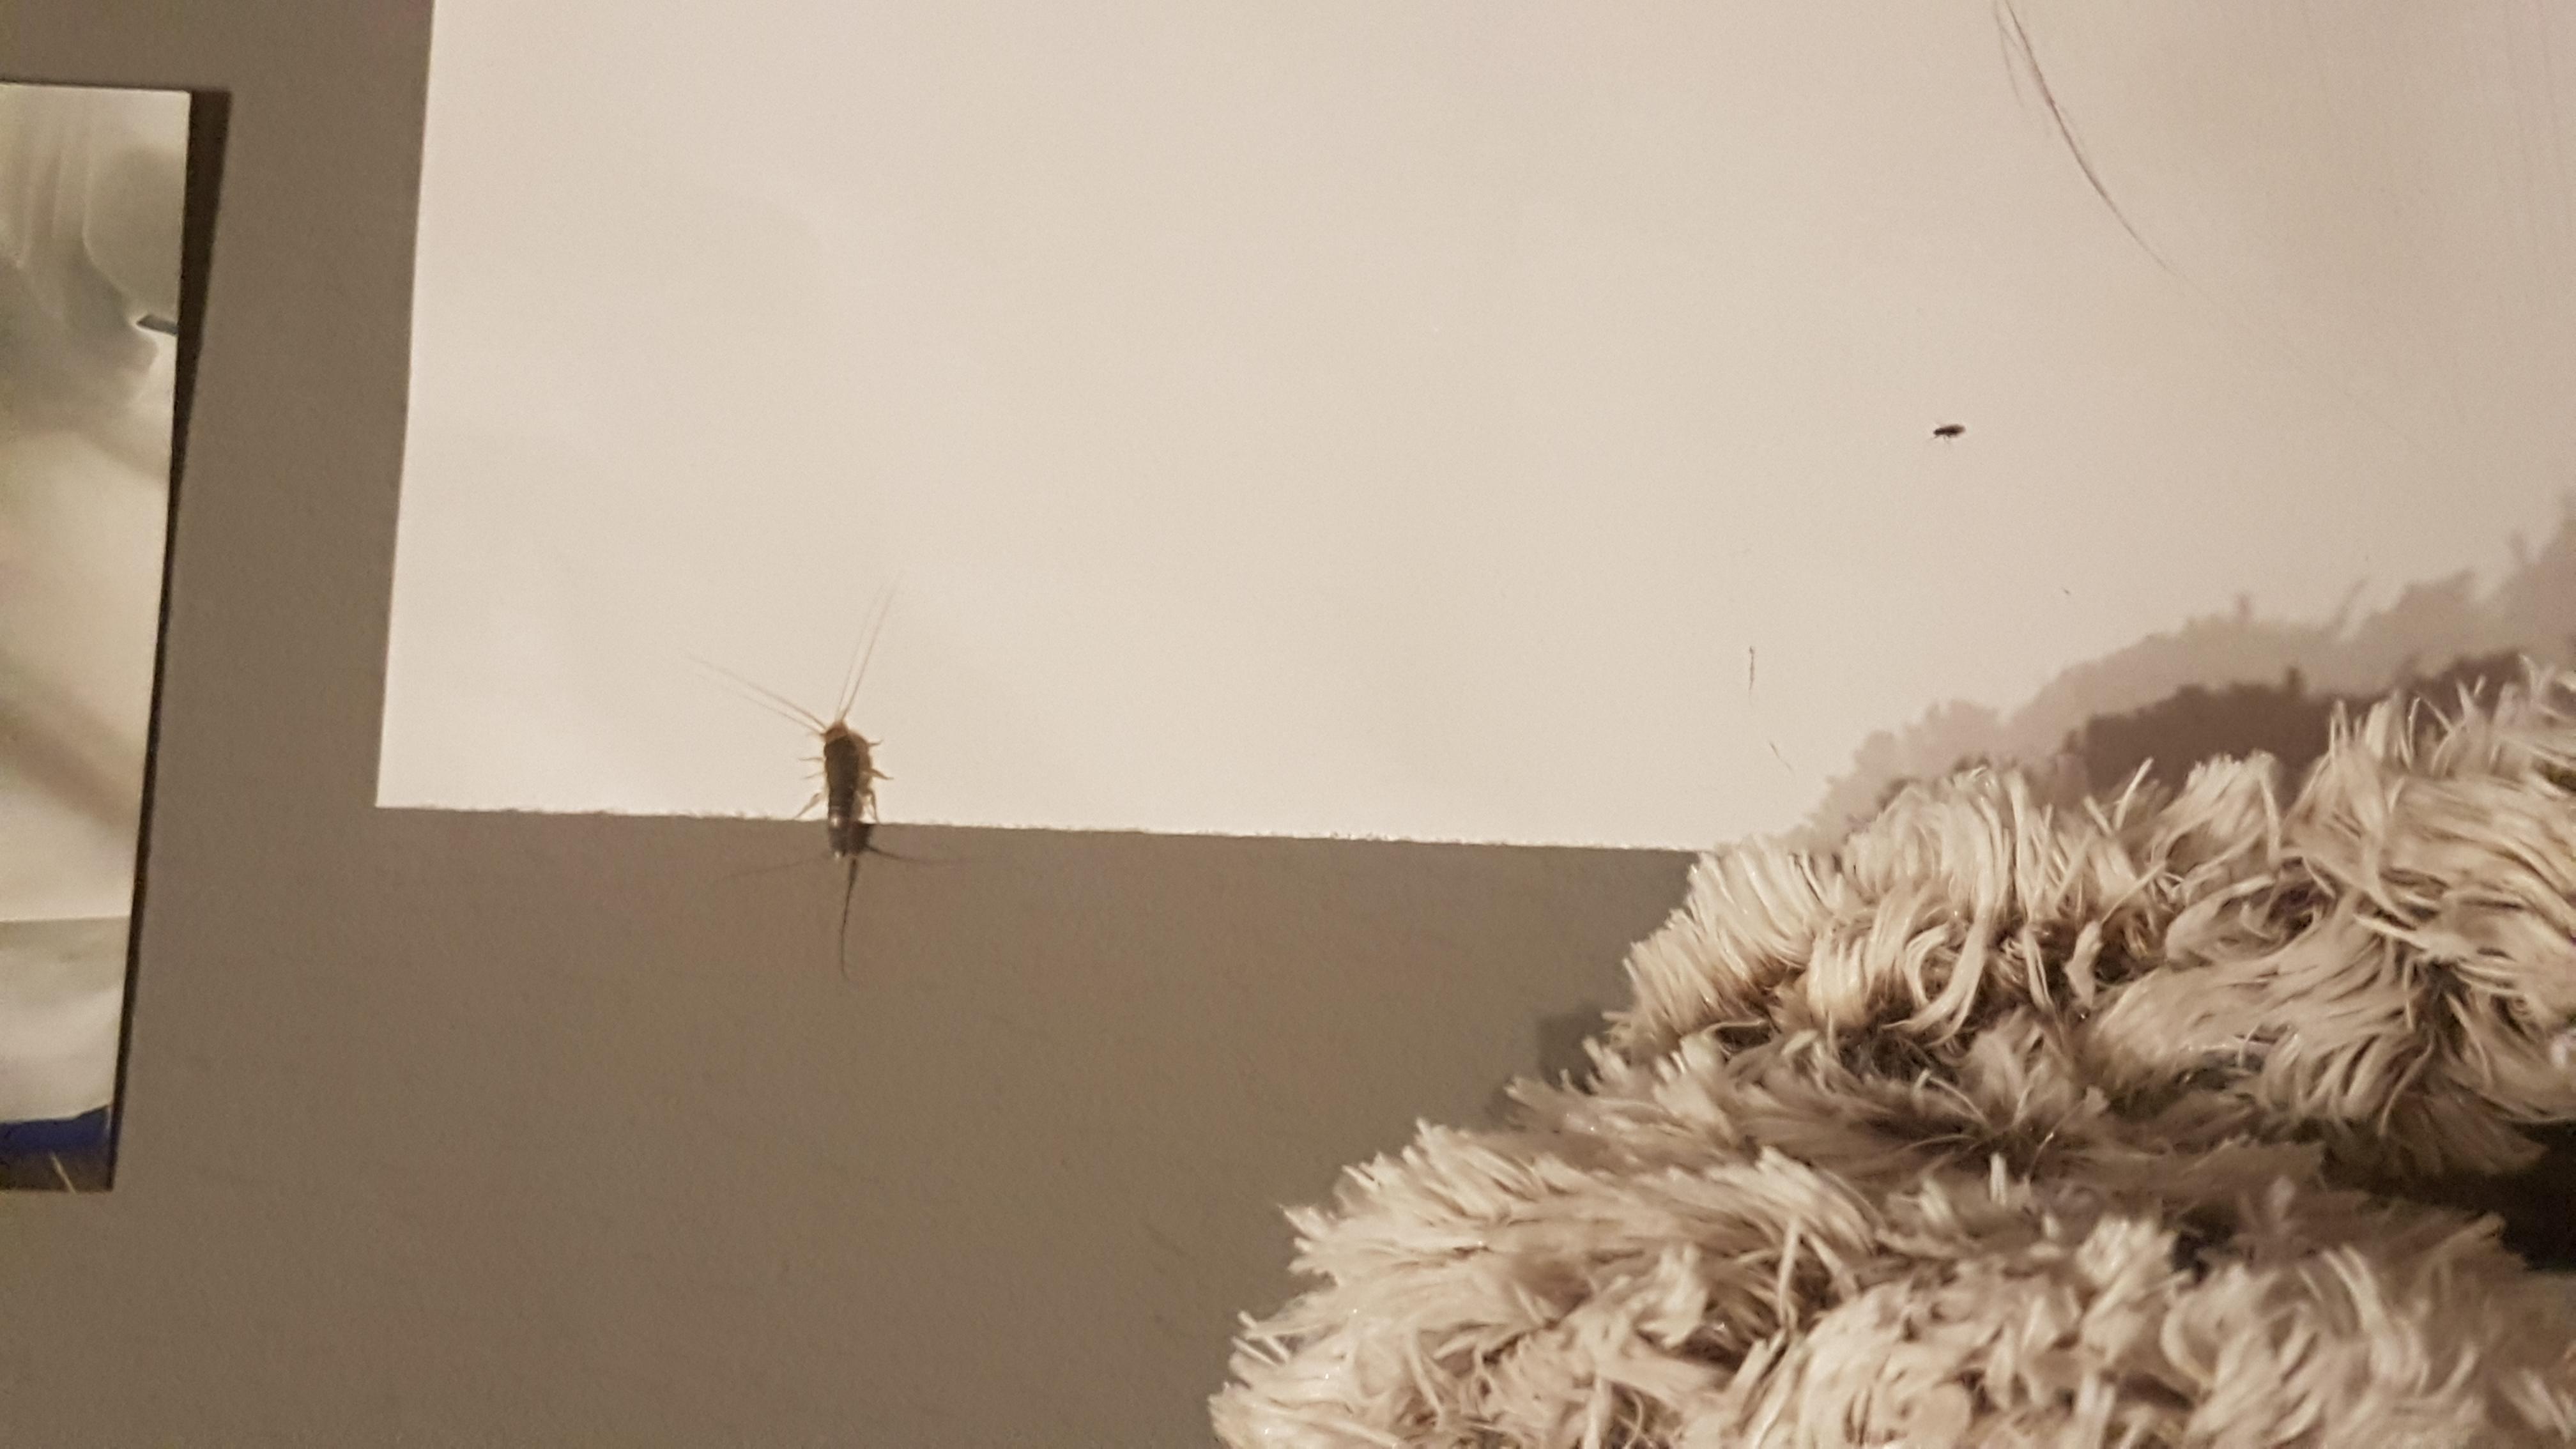 Silberfische schlafzimmer starwars bettw sche sinnvoll - Insekten im zimmer was tun ...